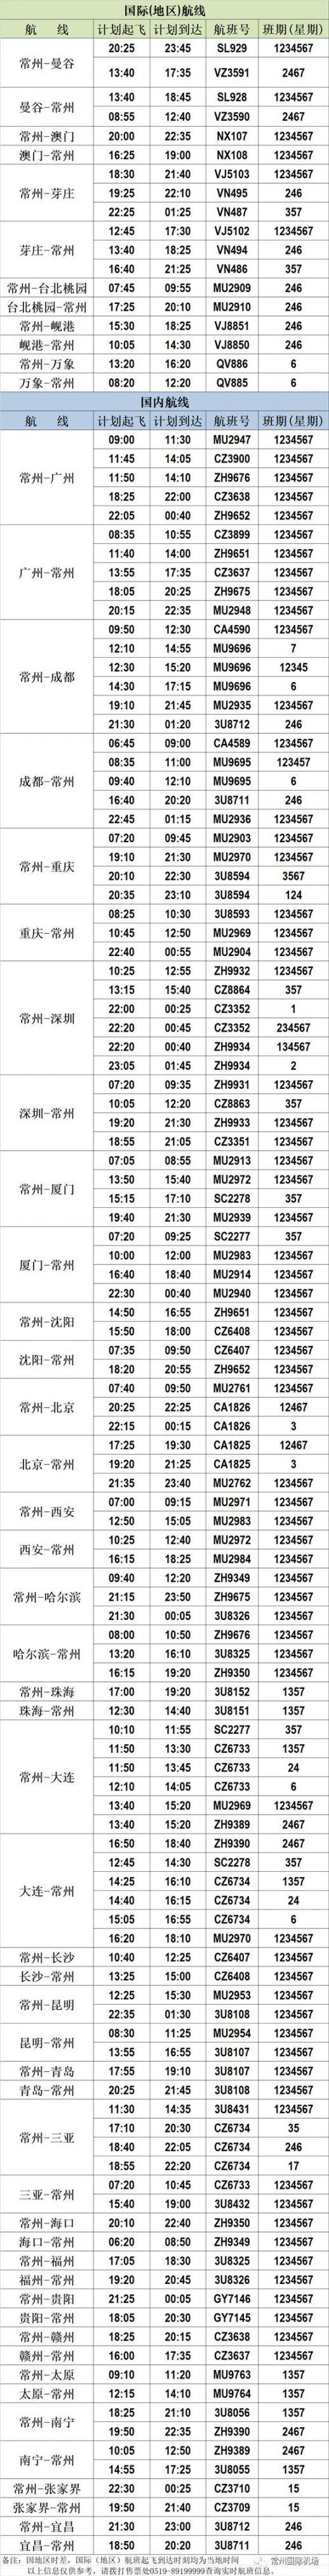 2019年常州国际机场6月航班时刻表